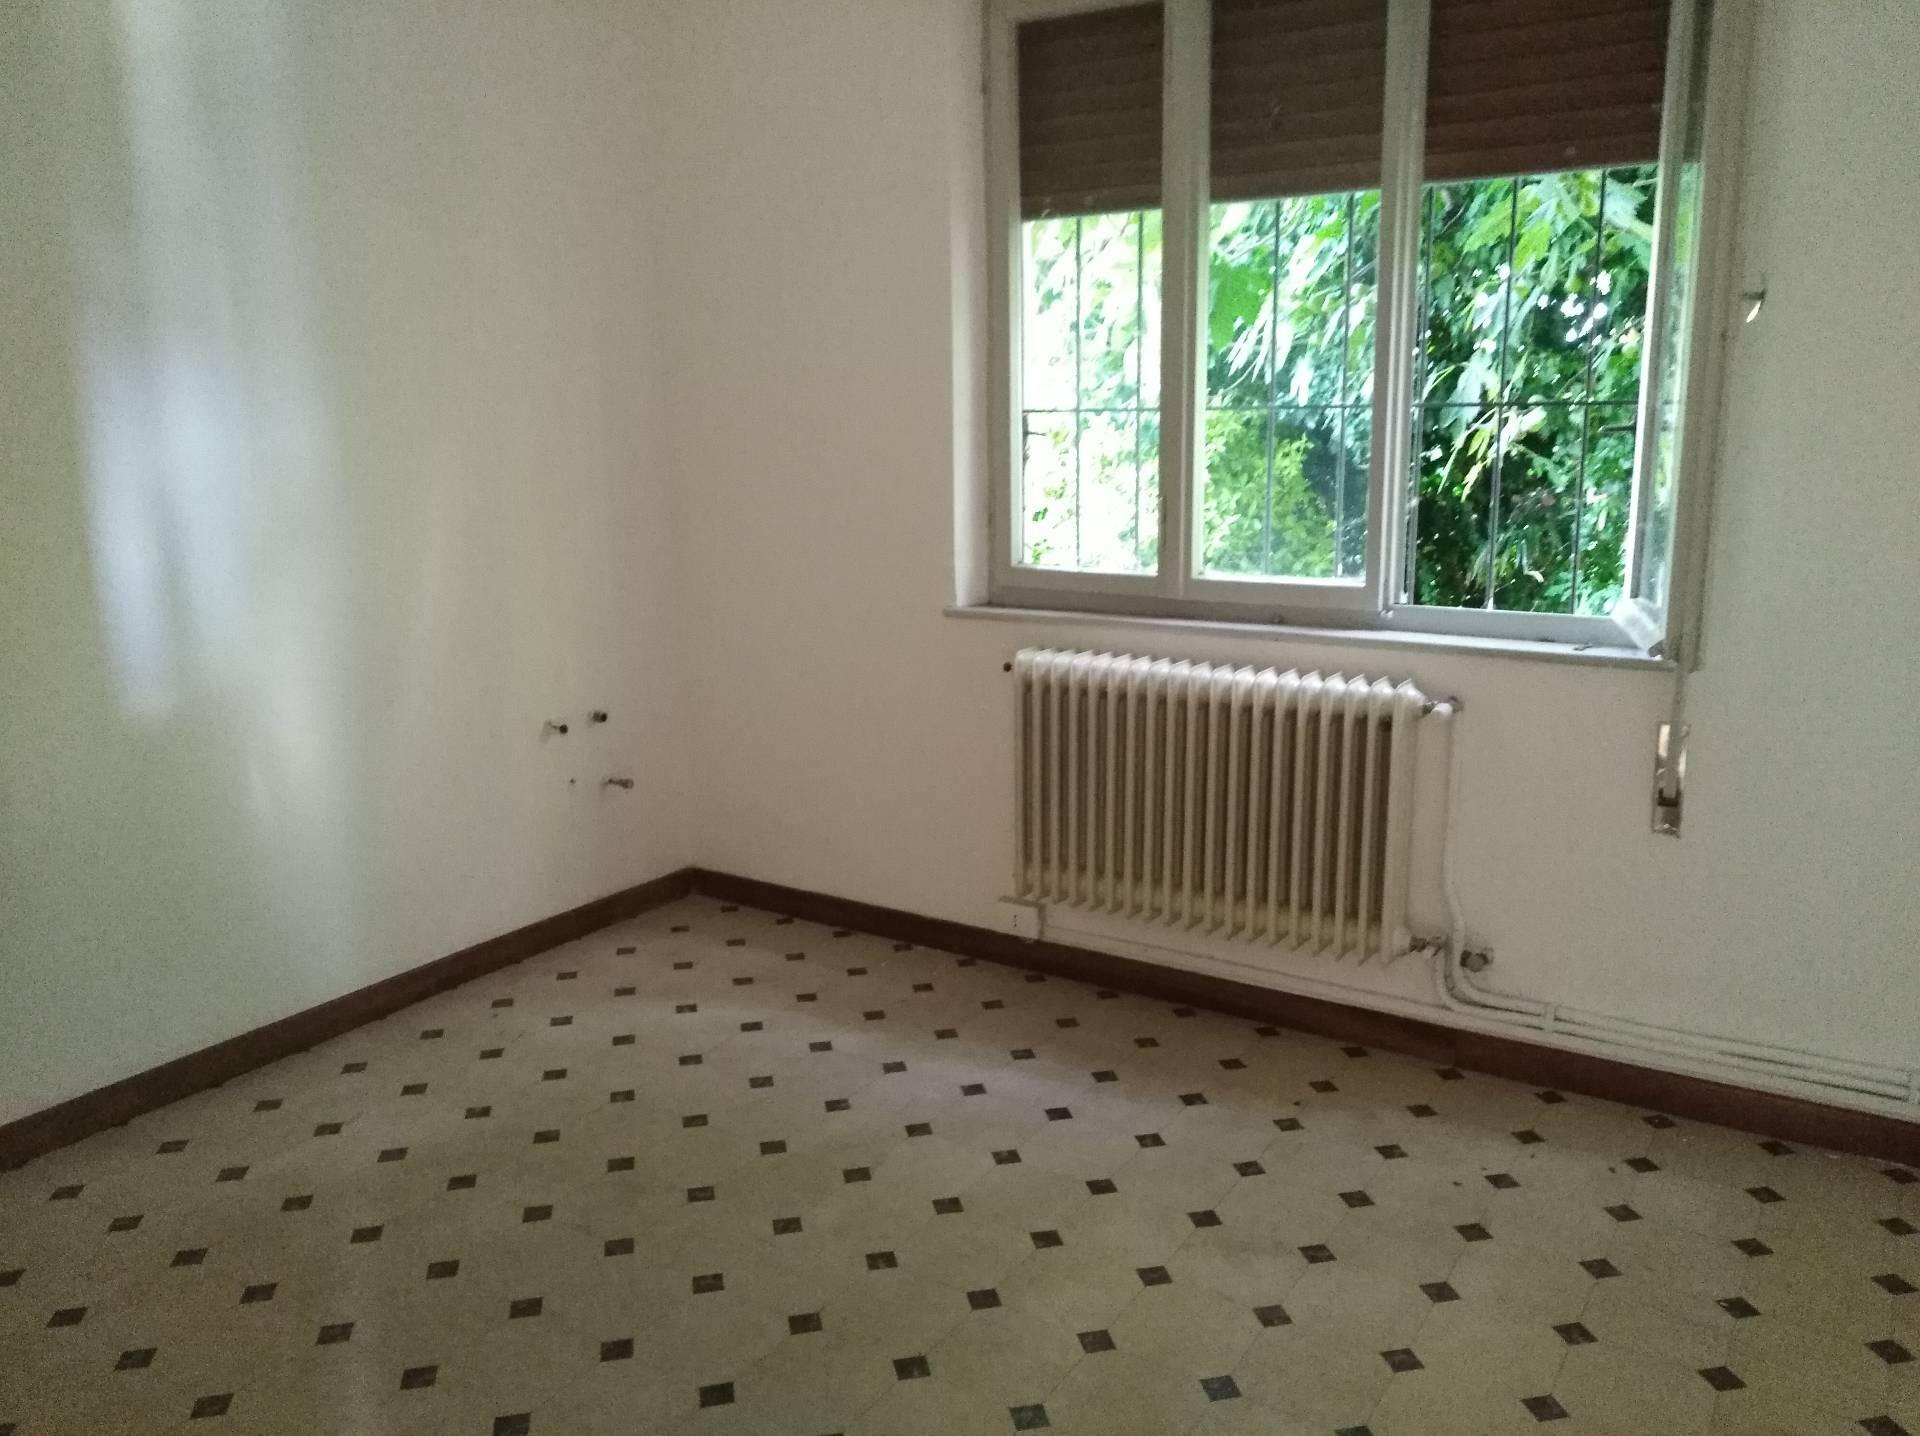 Villa Bifamiliare in vendita a Aquileia, 2 locali, prezzo € 75.000 | CambioCasa.it